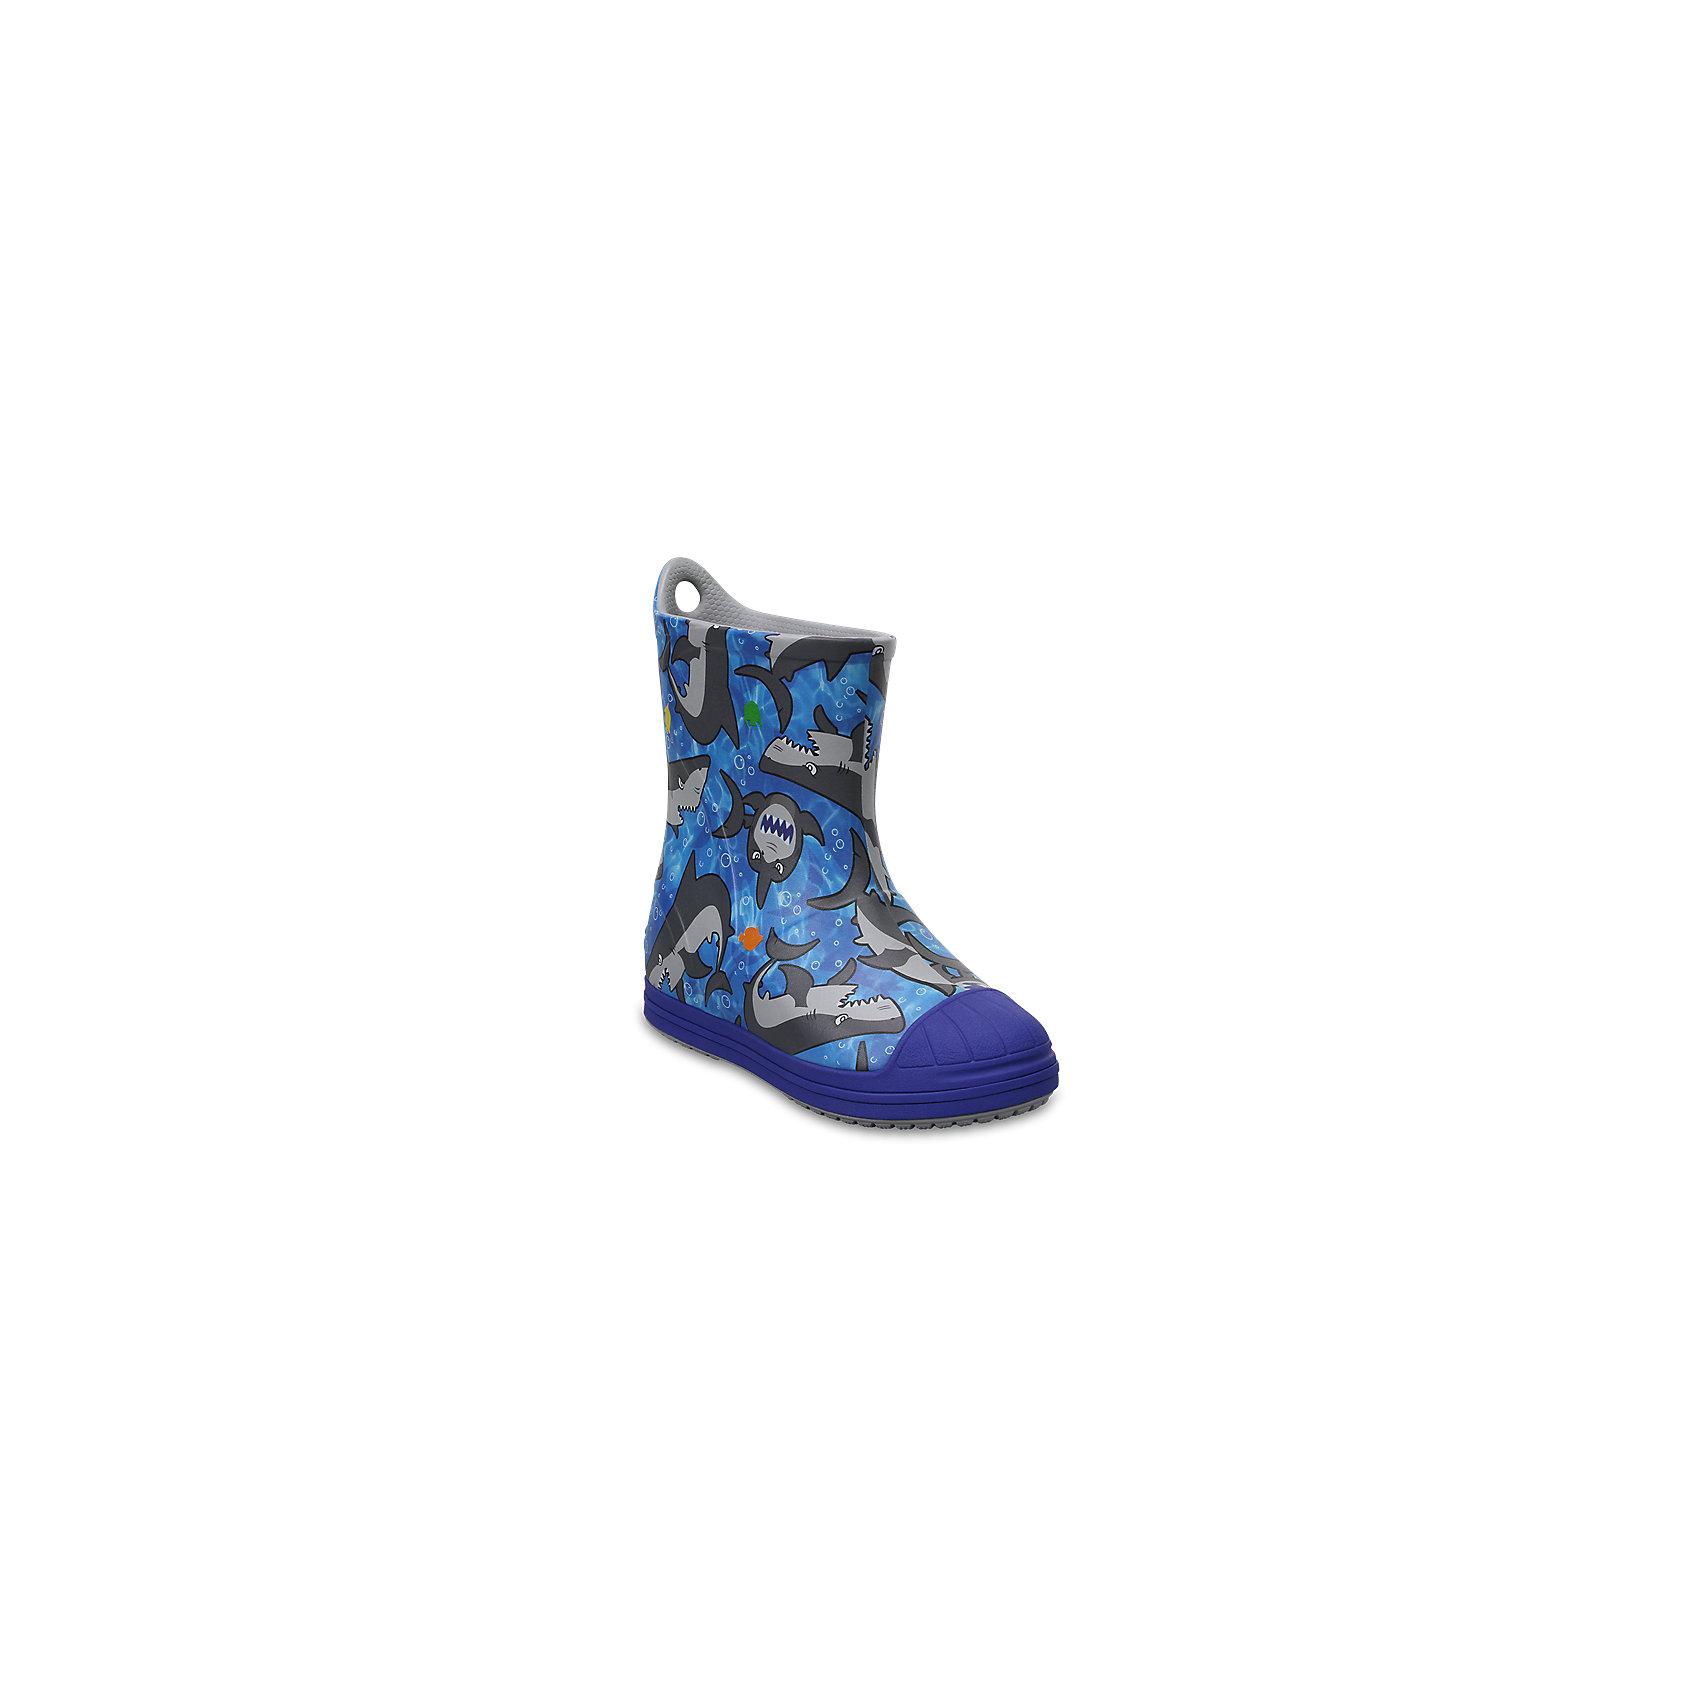 Резиновые сапогиKids' Crocs Bump It Graphic Rain Boot, синийПляжная обувь<br>Характеристики товара:<br><br>• цвет: синий<br>• принт: Акула<br>• сезон: демисезон, лето<br>• материал: 100% полимер Croslite™<br>• непромокаемые<br>• температурный режим: от 0° до +20° С<br>• легко очищаются<br>• антискользящая подошва<br>• язычок для удобного надевания<br>• толстая устойчивая подошва<br>• страна бренда: США<br>• страна изготовитель: Китай<br><br>Сапоги могут быть и стильными, и непромокаемыми! <br><br>Для детской обуви крайне важно, чтобы она была удобной. <br><br>Такие сапоги обеспечивают детям необходимый комфорт, а надежный материал не пропускает внутрь воду. <br><br>Сапоги легко надеваются и снимаются, отлично сидят на ноге. <br><br>Материал, из которого они сделаны, не дает размножаться бактериям, поэтому такая обувь препятствует образованию неприятного запаха и появлению болезней стоп. <br><br>Данная модель особенно понравится детям - ведь в них можно бегать по лужам!<br><br>Резиновые сапоги Kids' Crocs Bump It Graphic Rain Boot от торговой марки Crocs можно купить в нашем интернет-магазине.<br><br>Ширина мм: 237<br>Глубина мм: 180<br>Высота мм: 152<br>Вес г: 438<br>Цвет: синий<br>Возраст от месяцев: 120<br>Возраст до месяцев: 132<br>Пол: Унисекс<br>Возраст: Детский<br>Размер: 33/34,31/32,34/35,27,28,29,30,23,24,25,26<br>SKU: 5416748